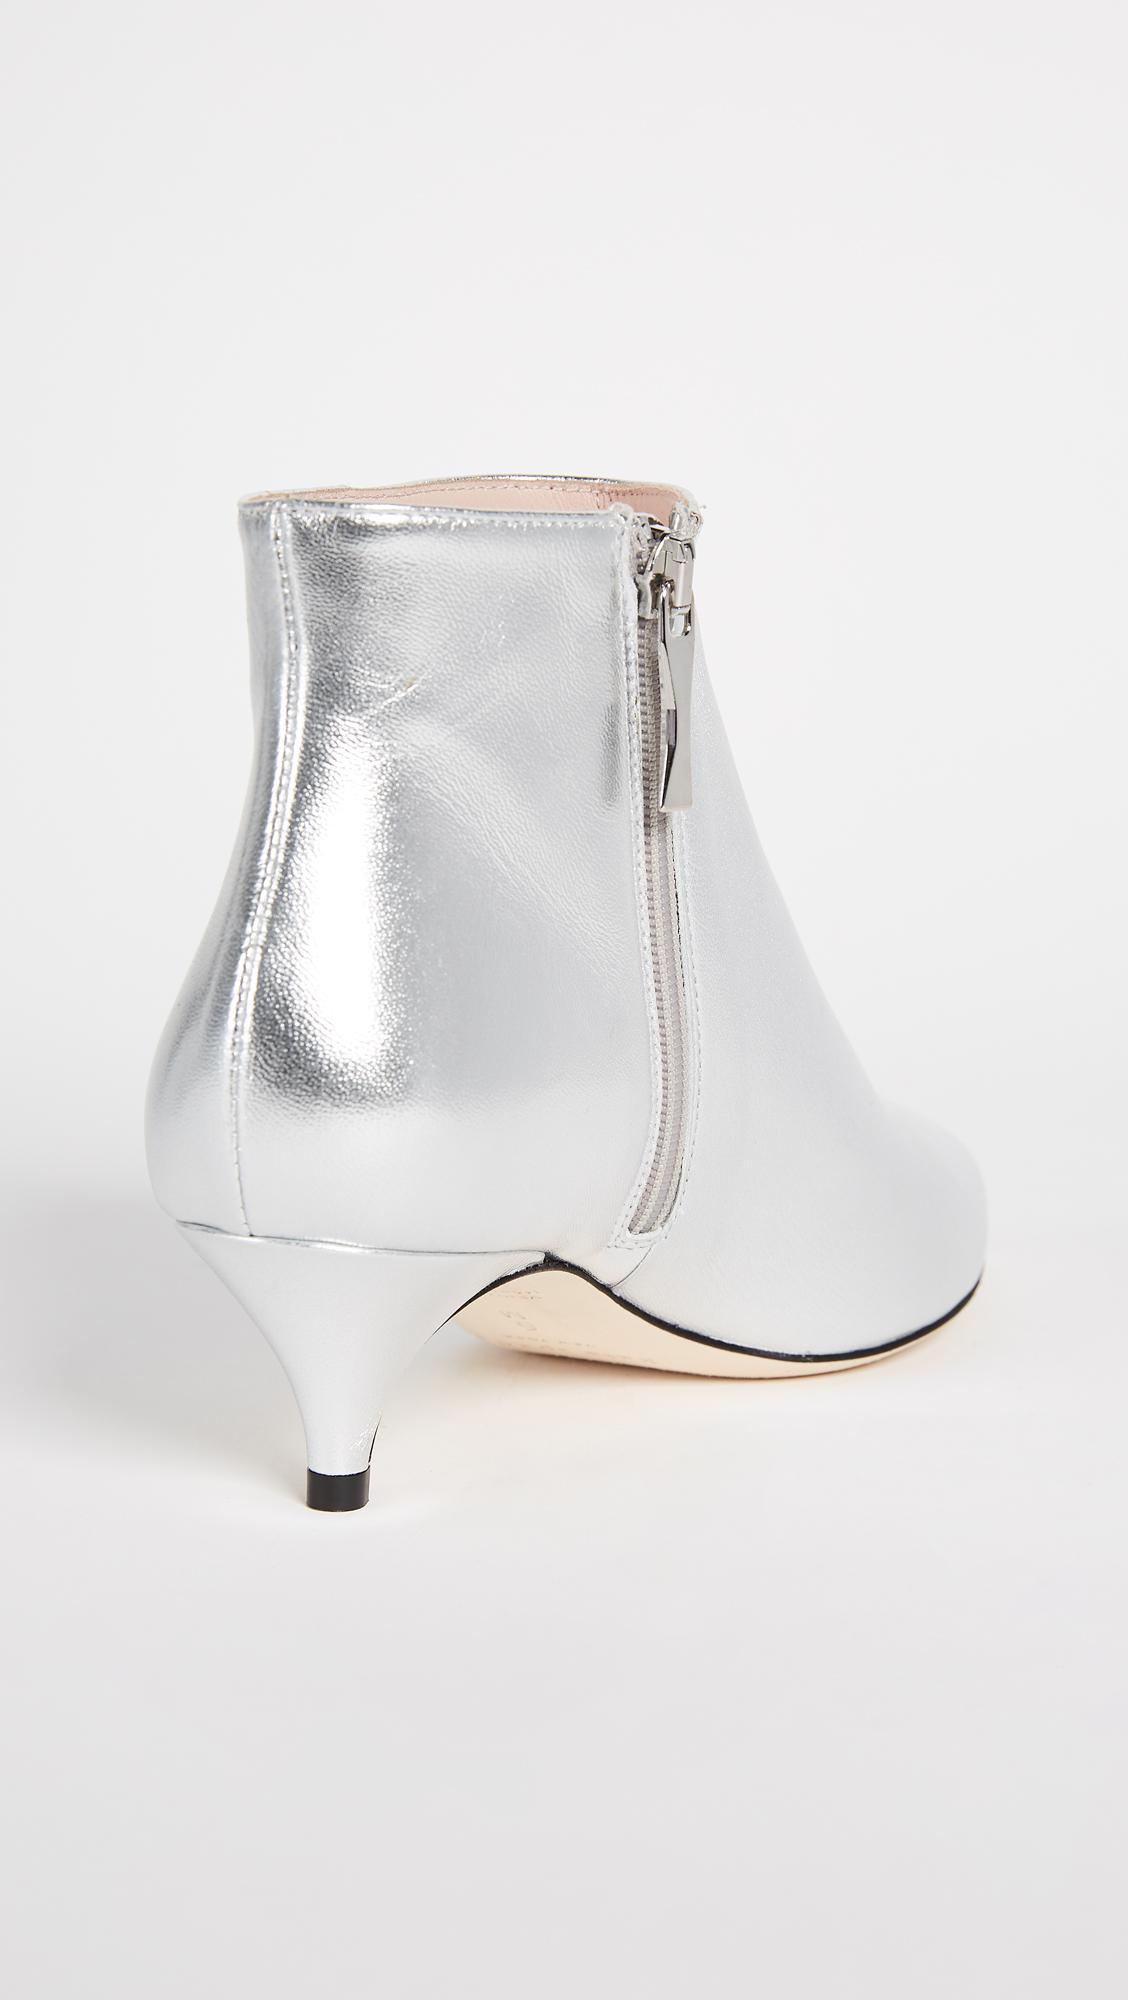 a969a0ee640f Lyst - Kate Spade Olly Kitten Heel Ankle Booties in Metallic